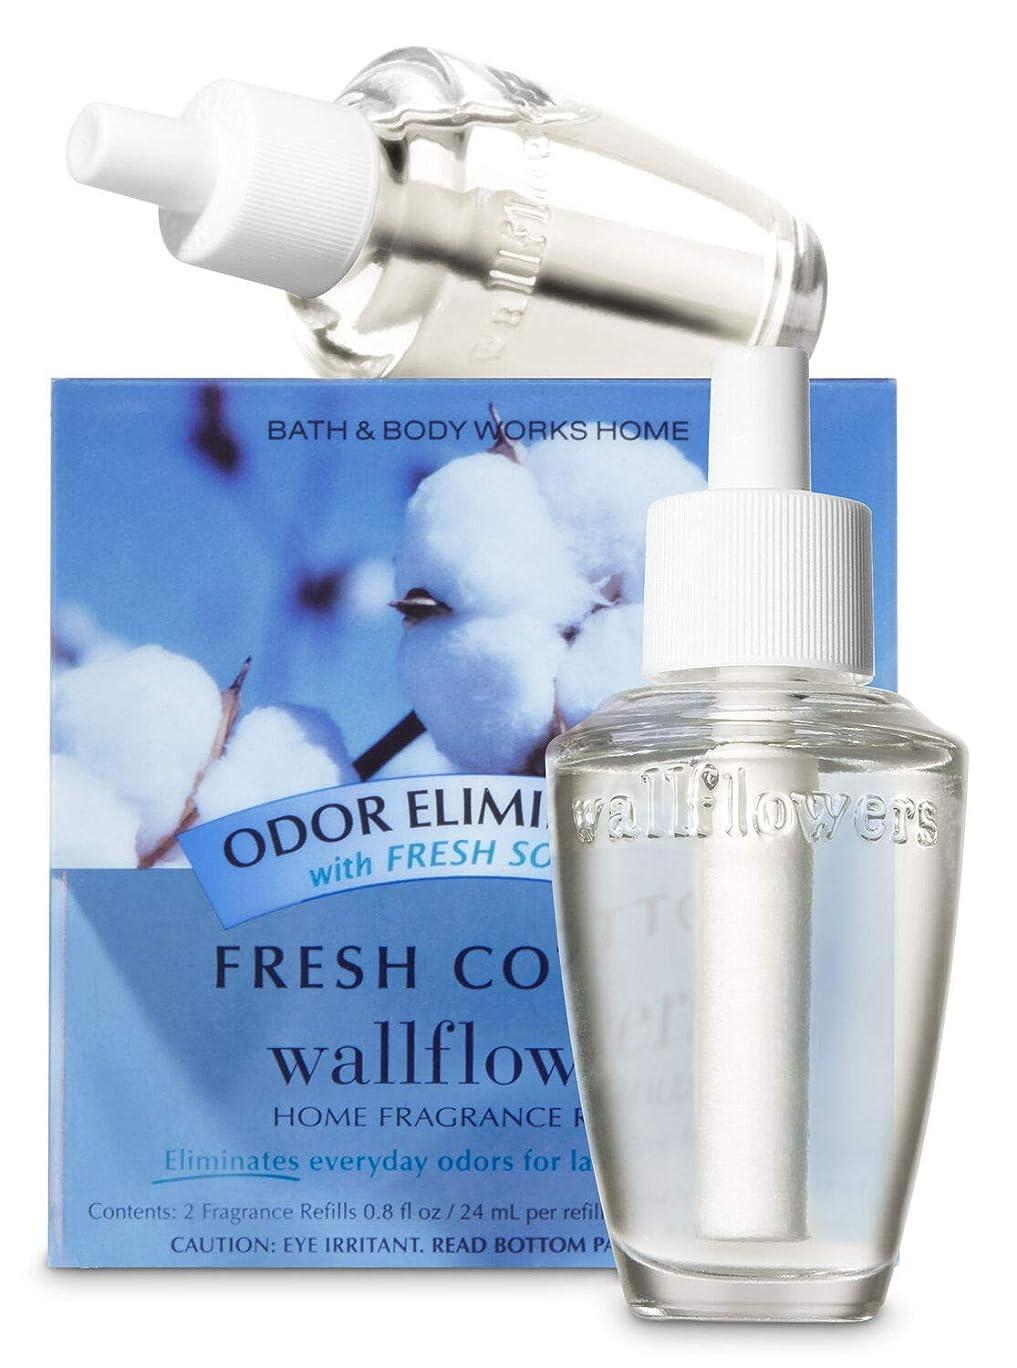 セメントいらいらする嵐の【Bath&Body Works/バス&ボディワークス】 ルームフレグランス 詰替えリフィル(2個入り) 消臭効果付き フレッシュコットン Wallflowers Home Fragrance 2-Pack Refills Odor eliminating Fresh Cotton [並行輸入品]